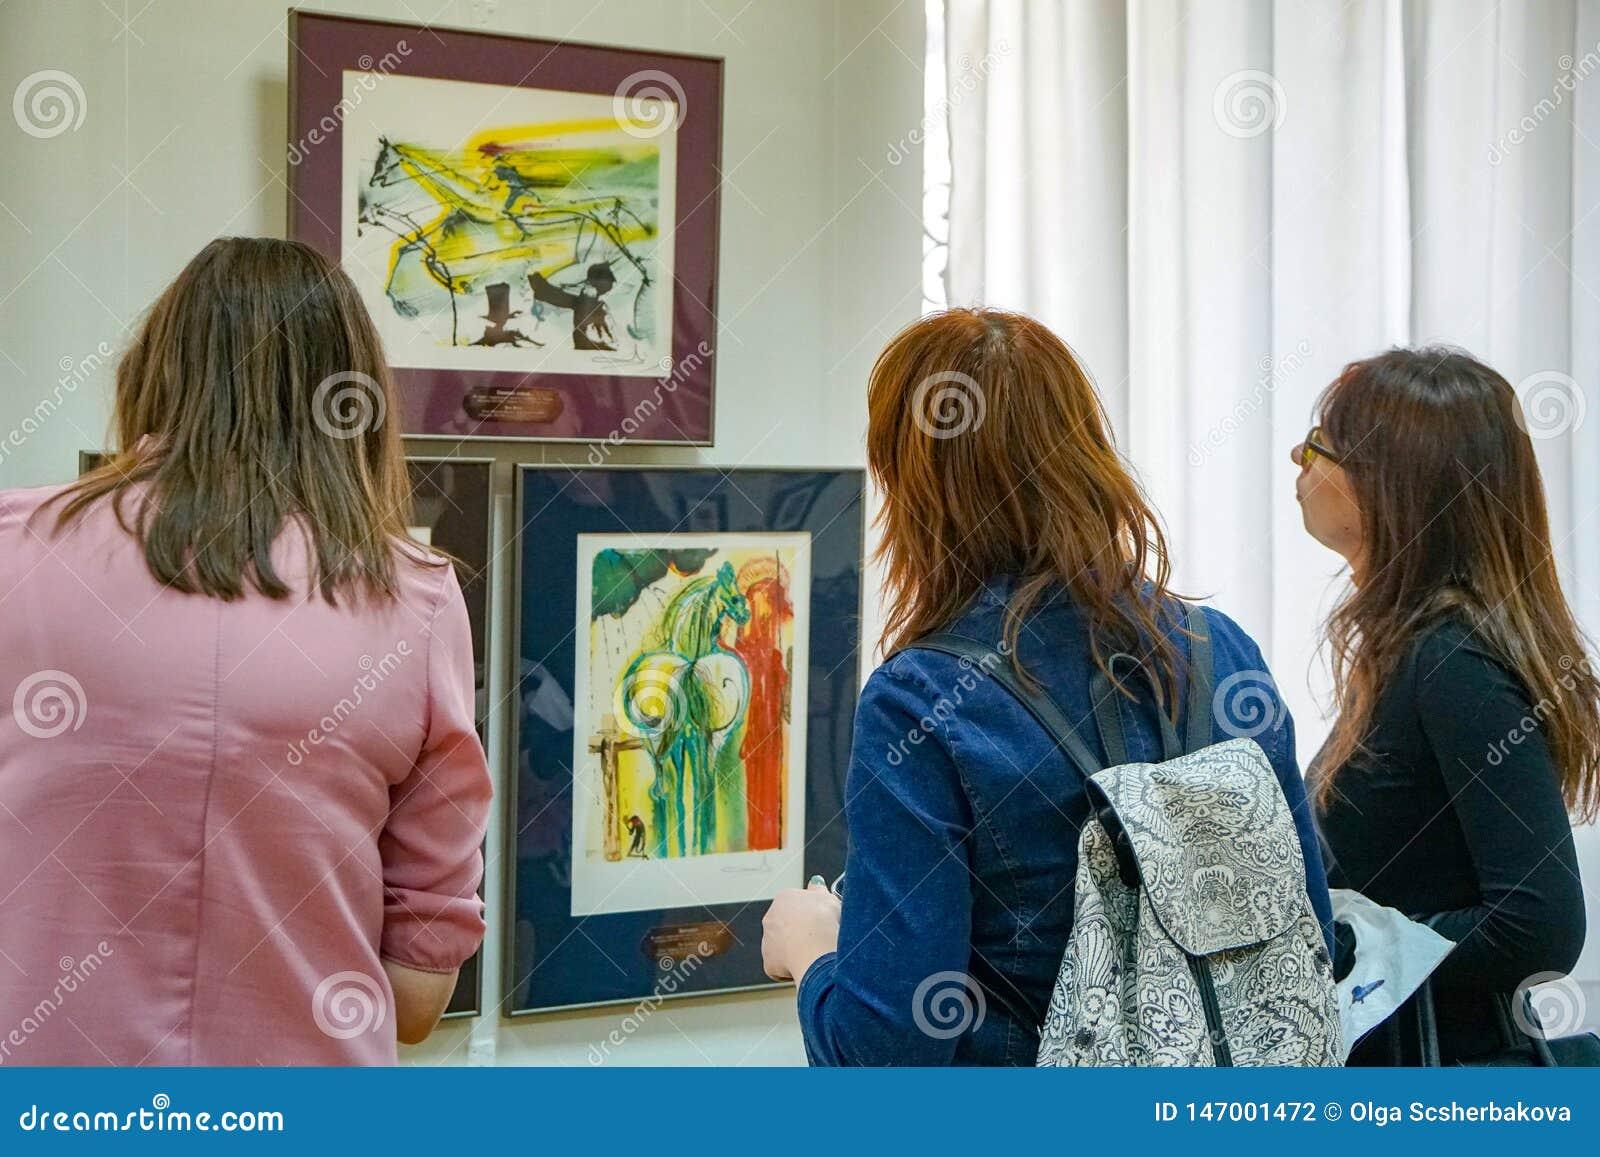 La exposición de gráficos de Salvador Dali